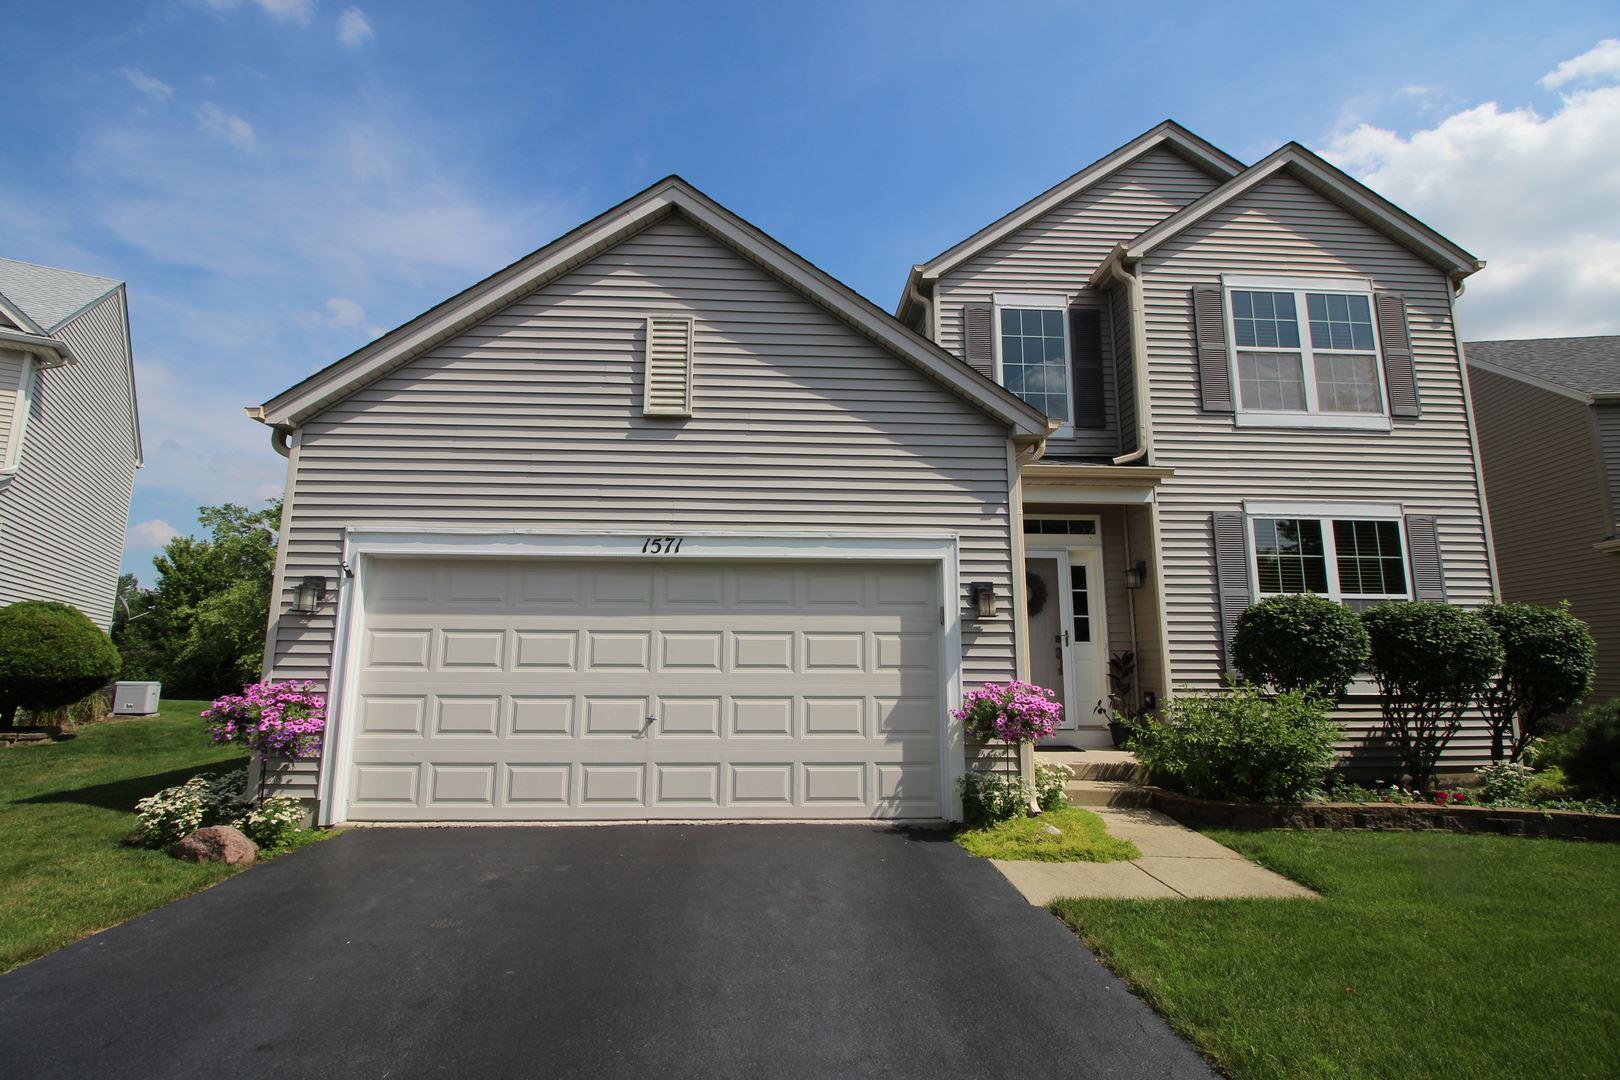 1571 Lavender Drive, Romeoville, IL 60446 - #: 10767220